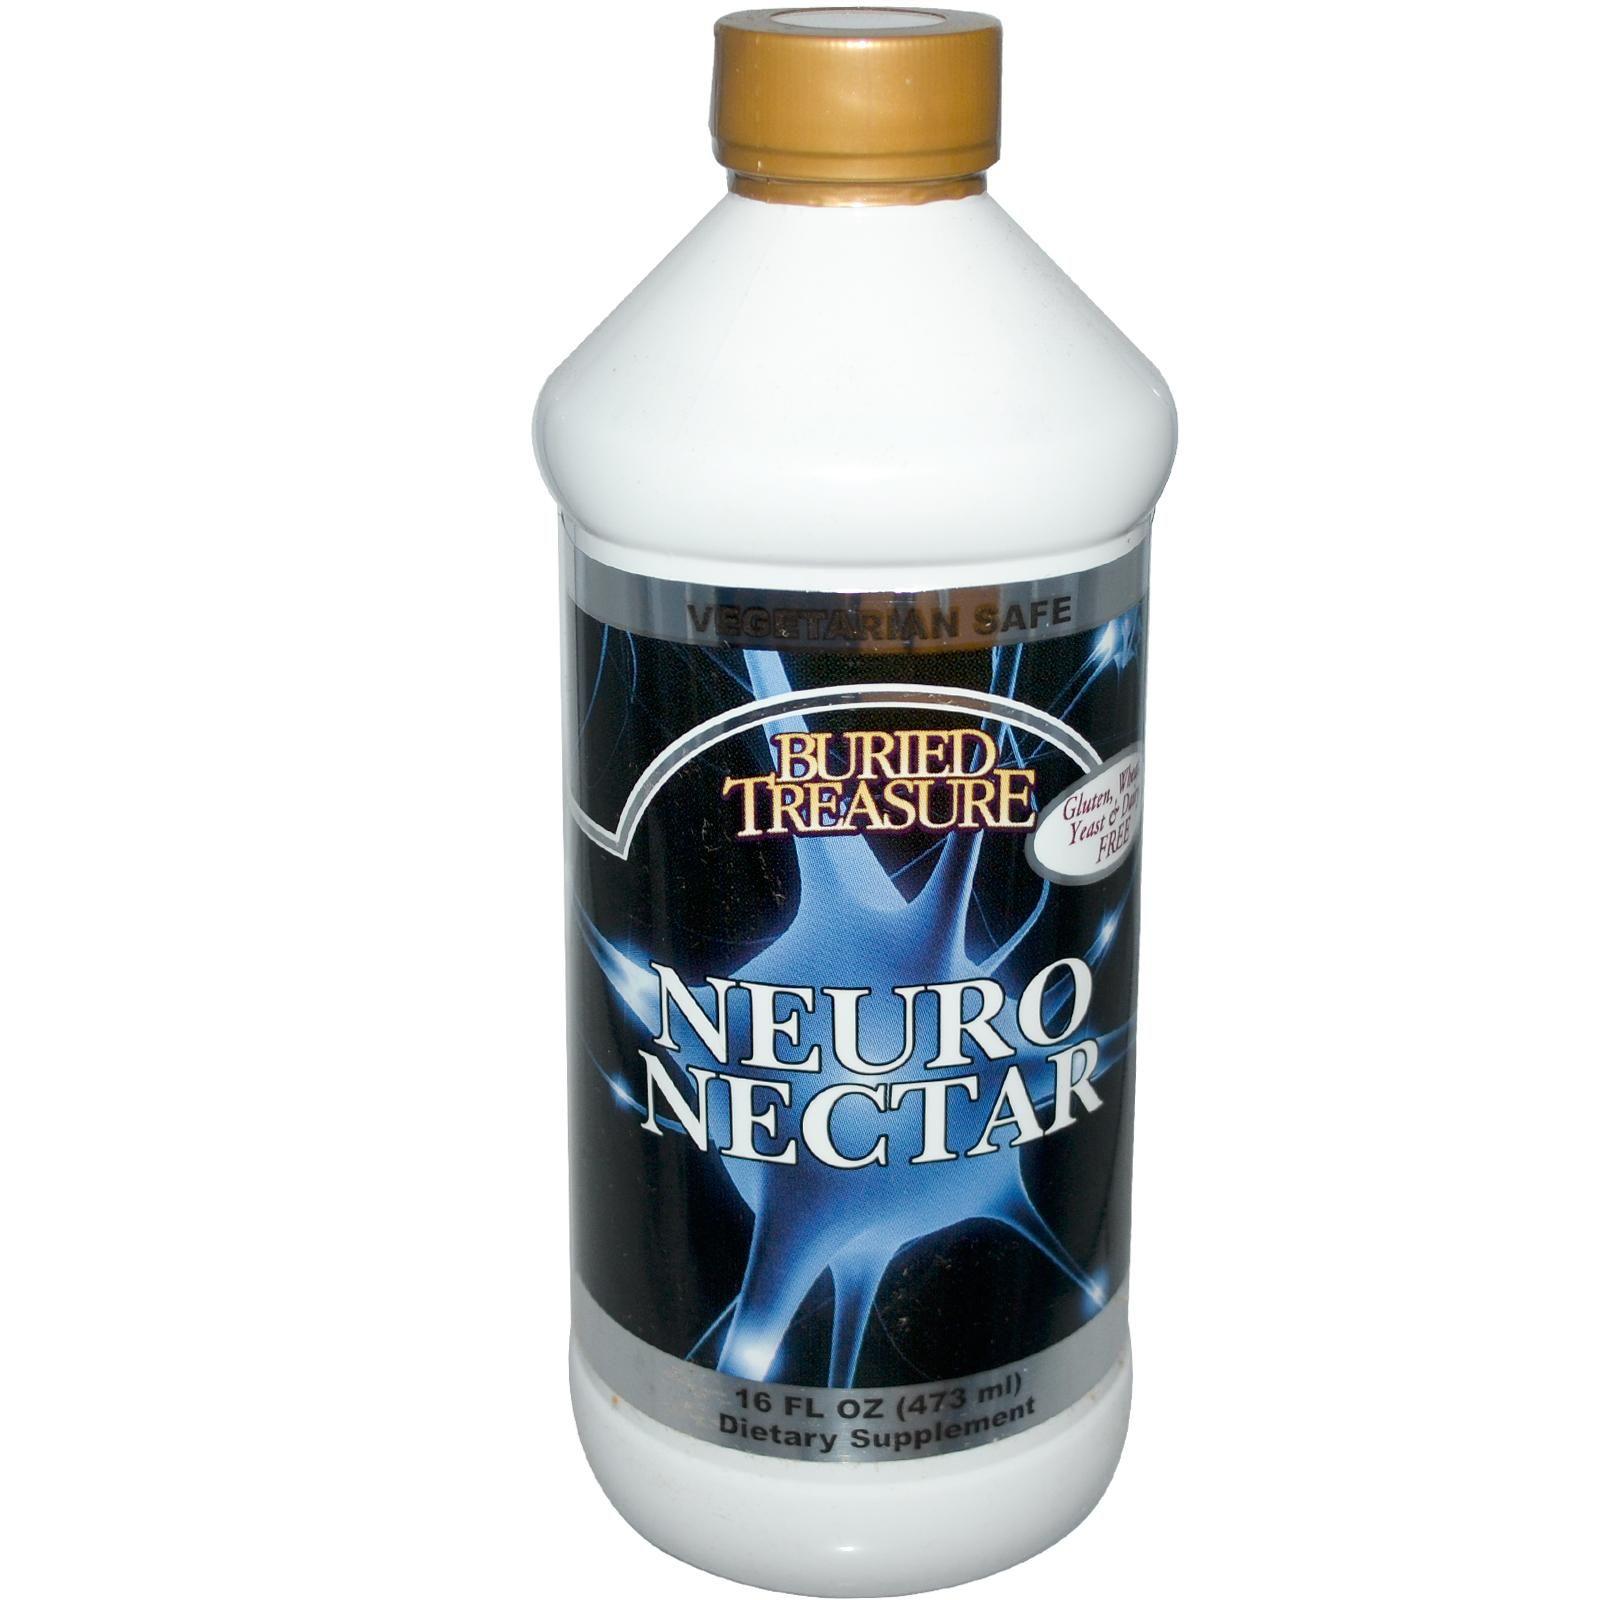 Buried treasure neuro nectar review update 2019